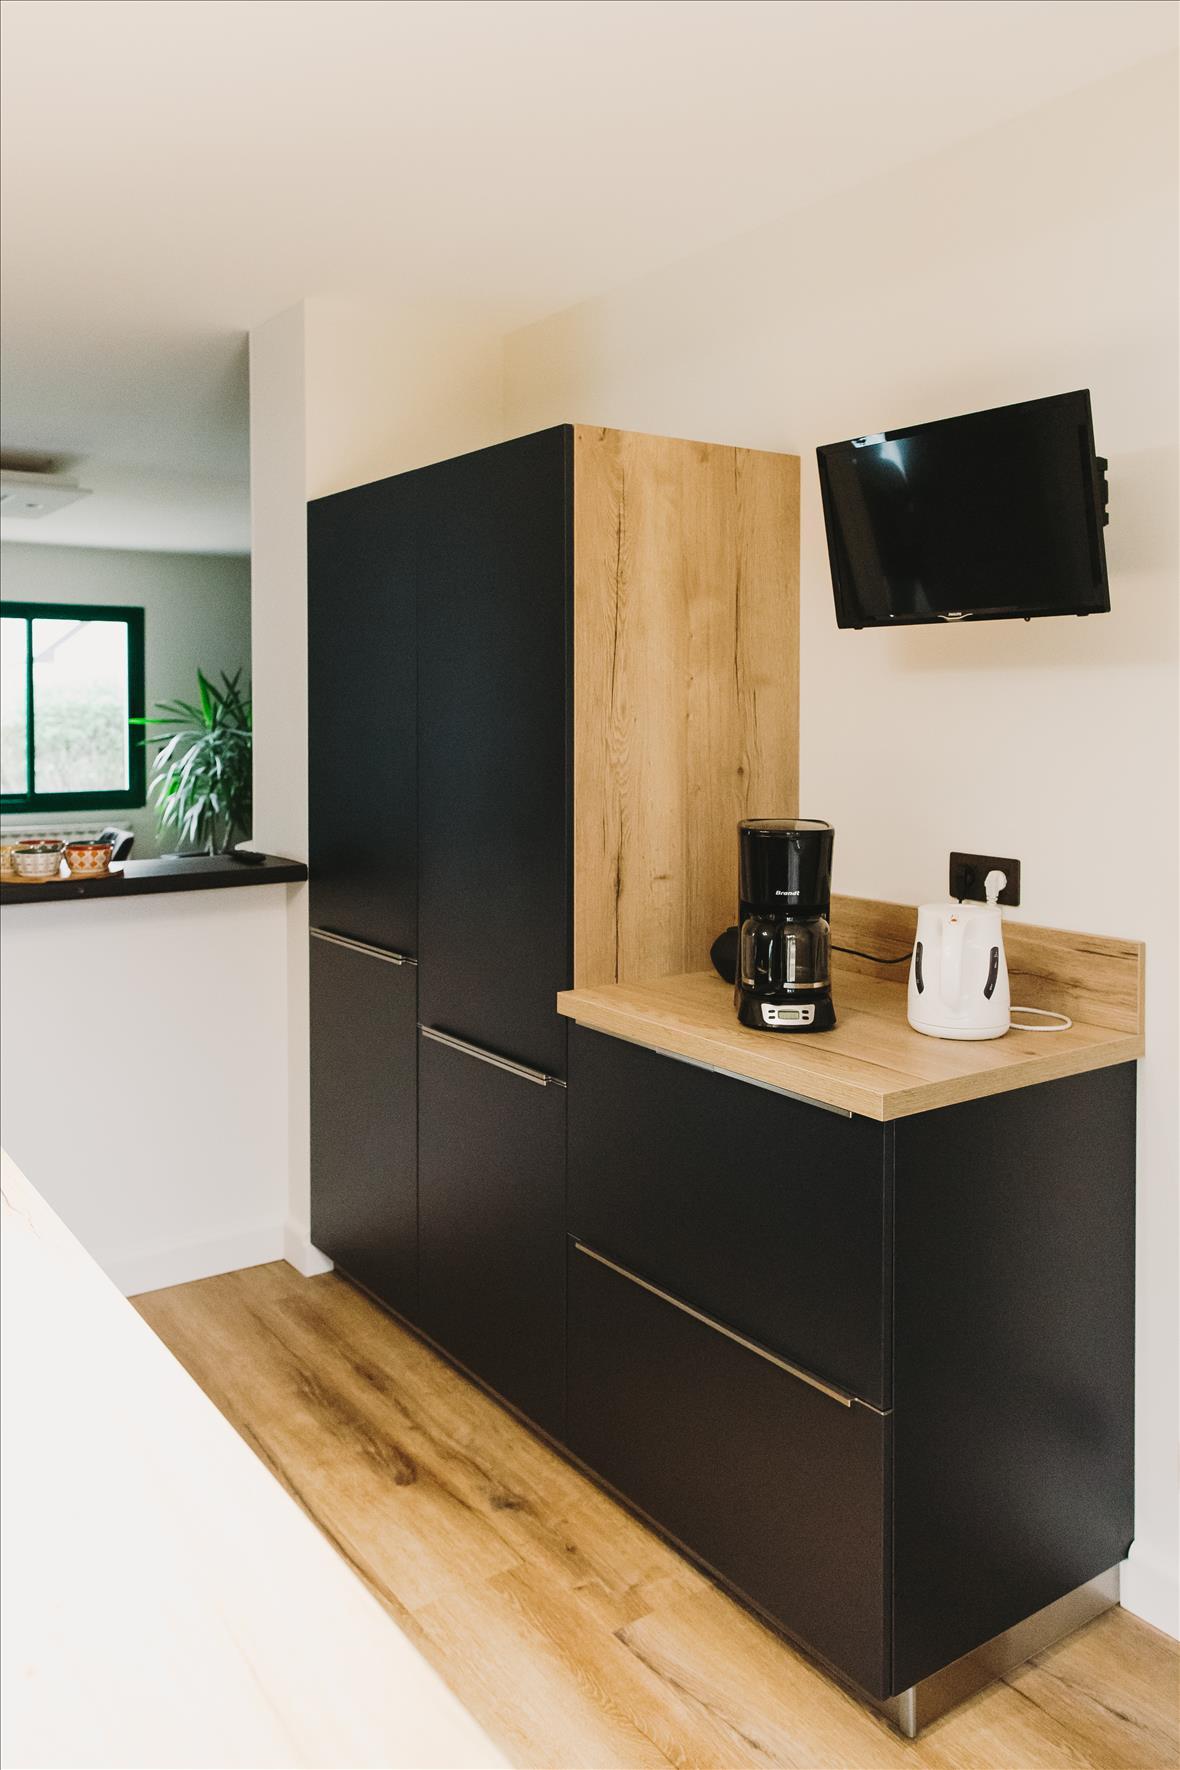 Cuisine de style contemporain bois  par Vanessa GERAUX | Raison Home - 3